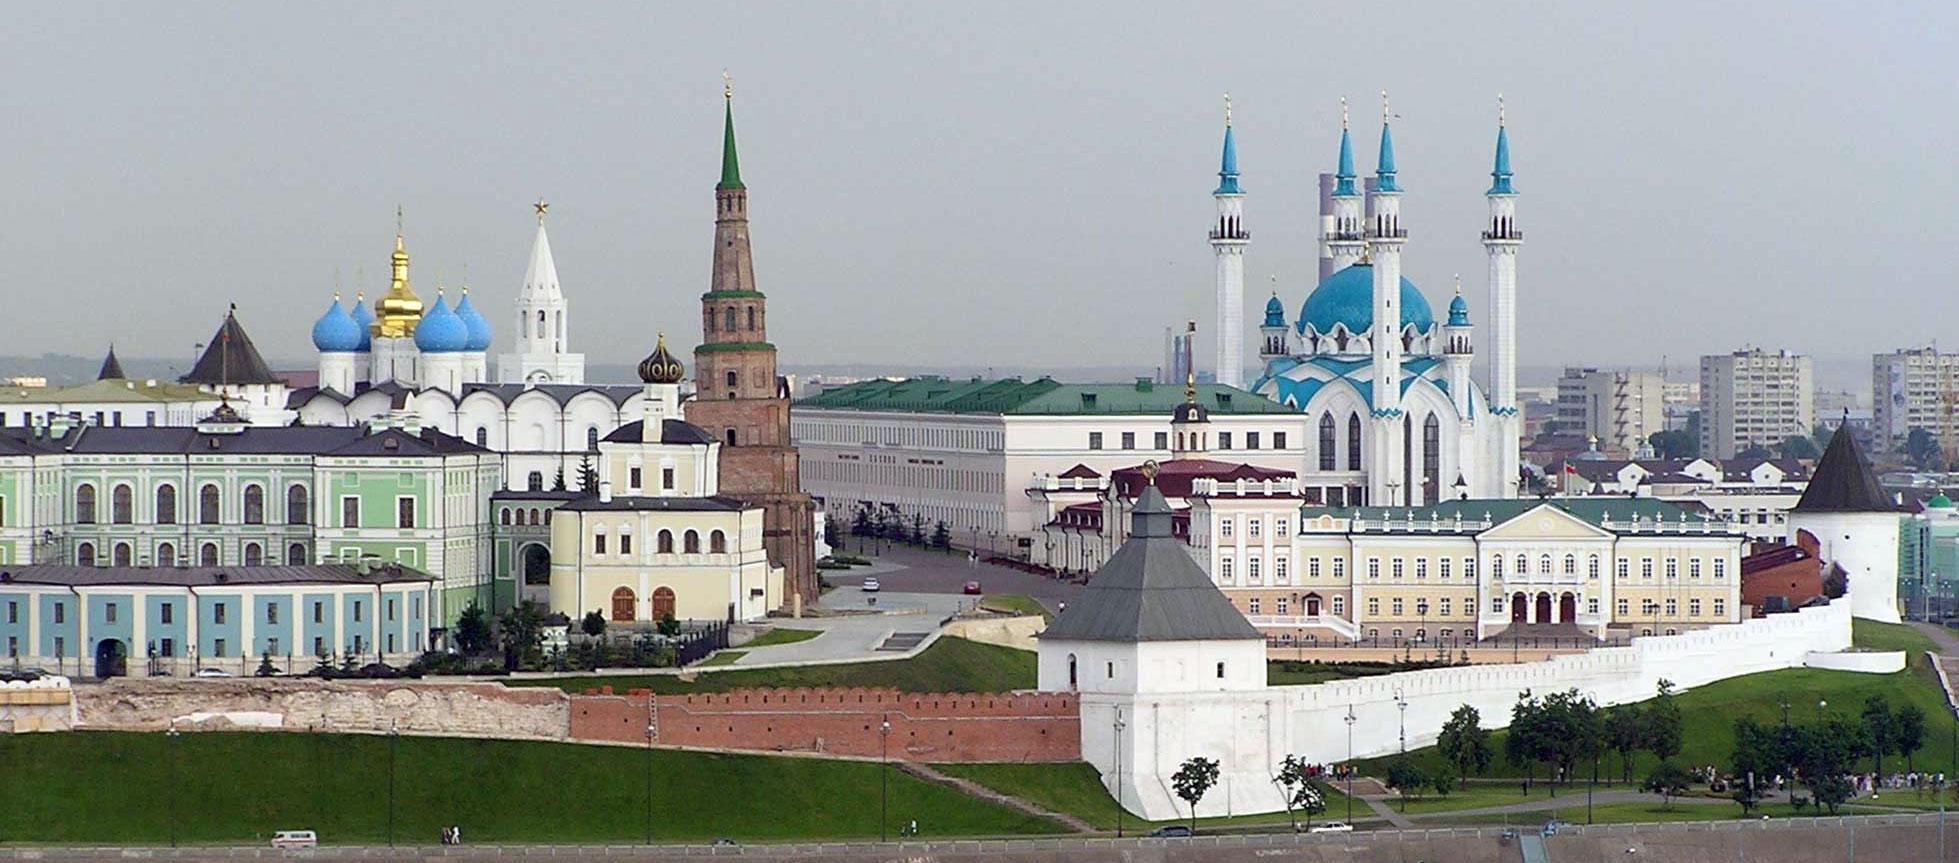 2 1 - Republica do tartaristão Rússia